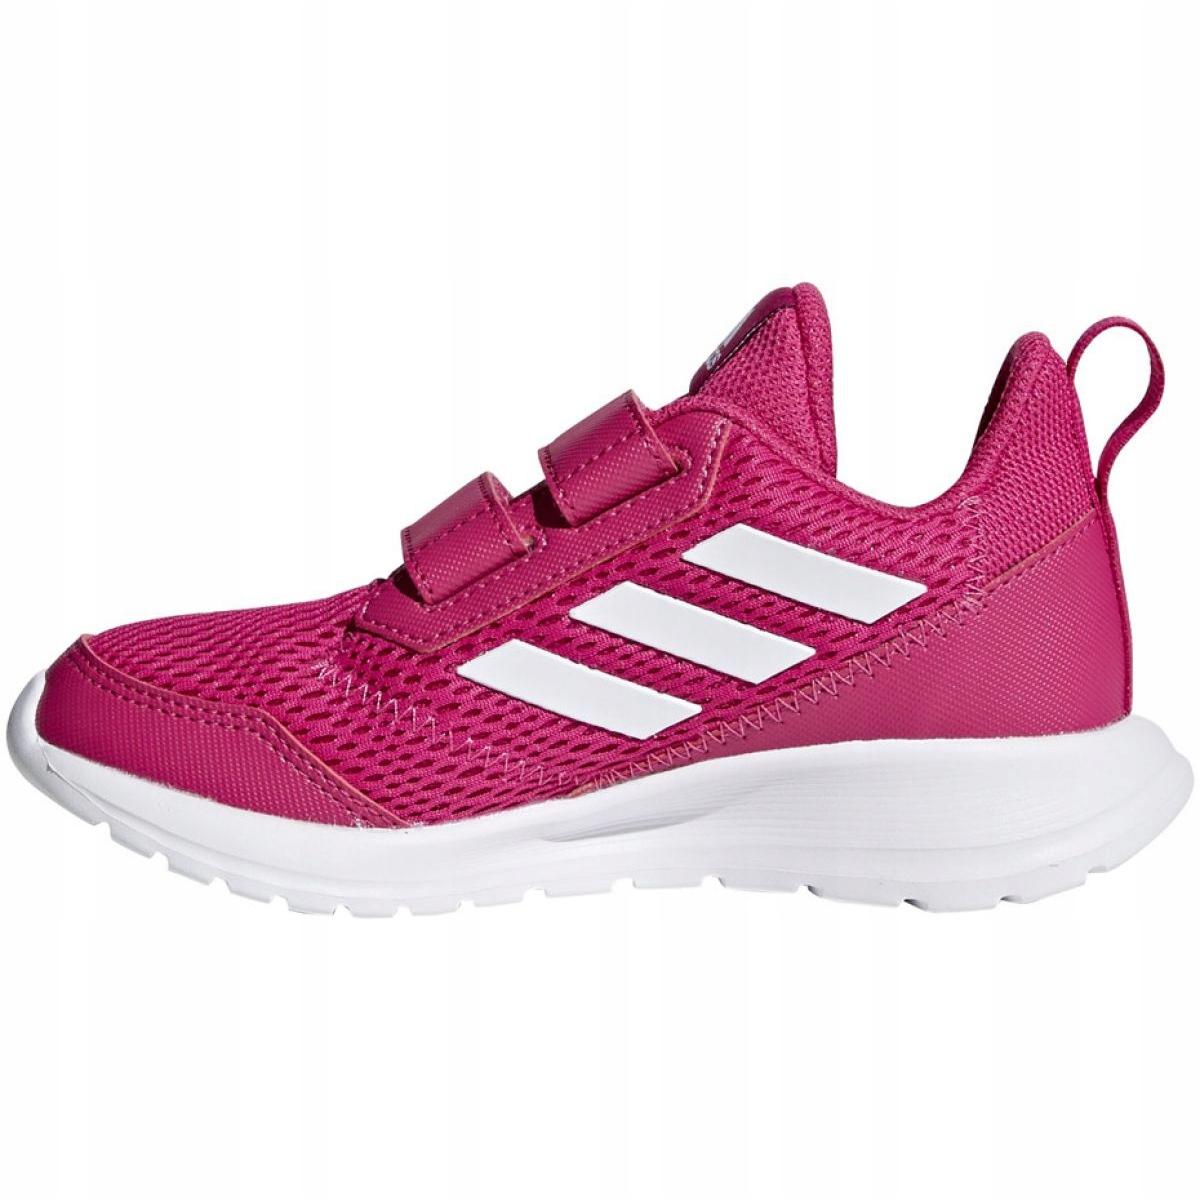 Détails sur Adidas AltaRun Cf K Jr CG6895 chaussures rose